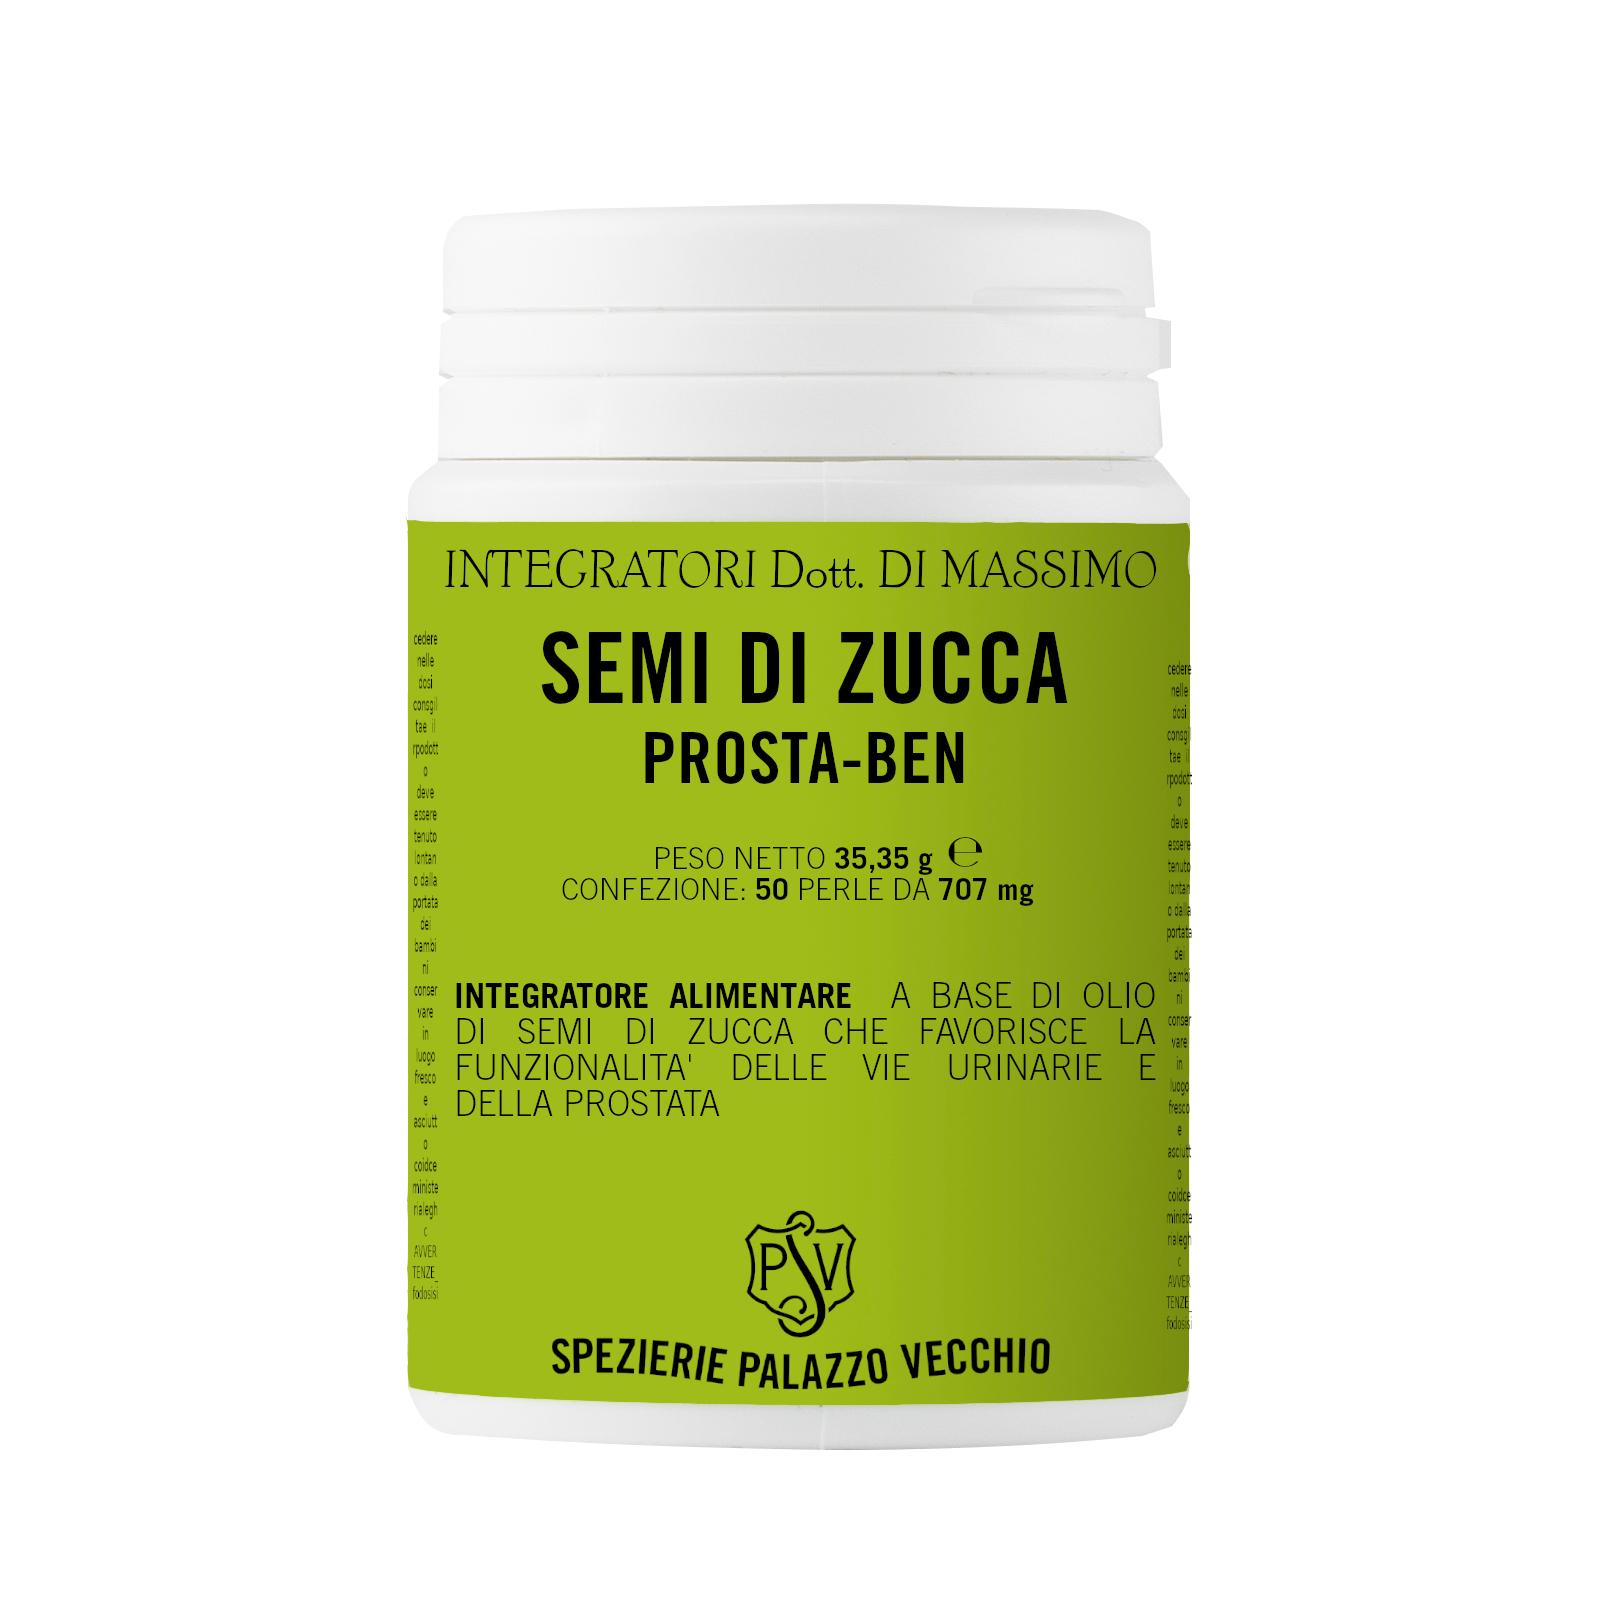 SEMI DI ZUCCA - PROSTABEN-0